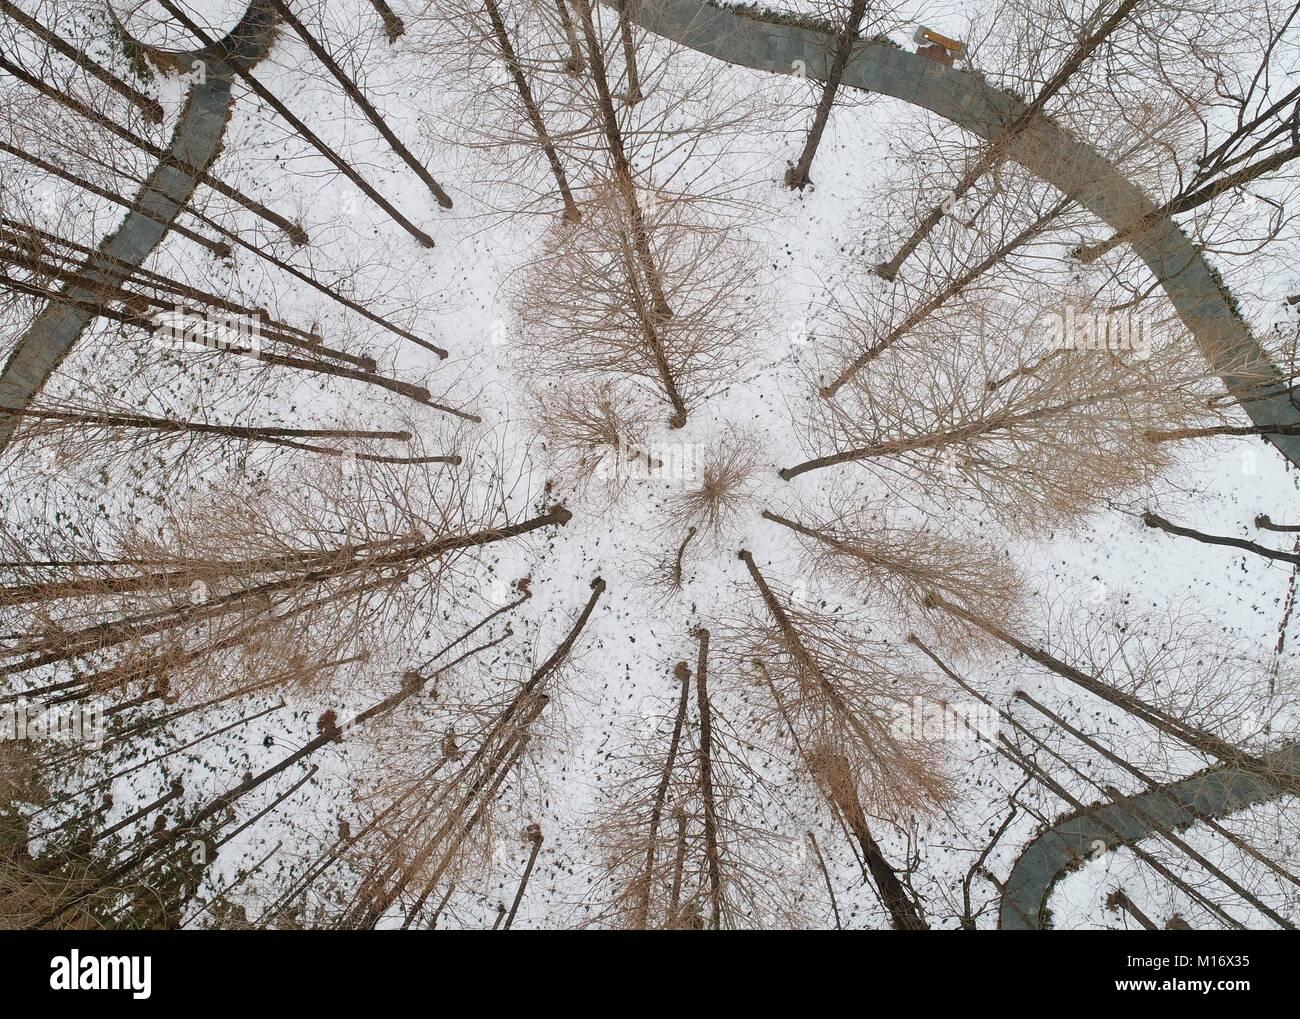 Huai'an, China. January 27, 2018 - Huai'An, Huai'an, China - Huai'an, CHINA-27th January 2018: Aerial - Stock Image